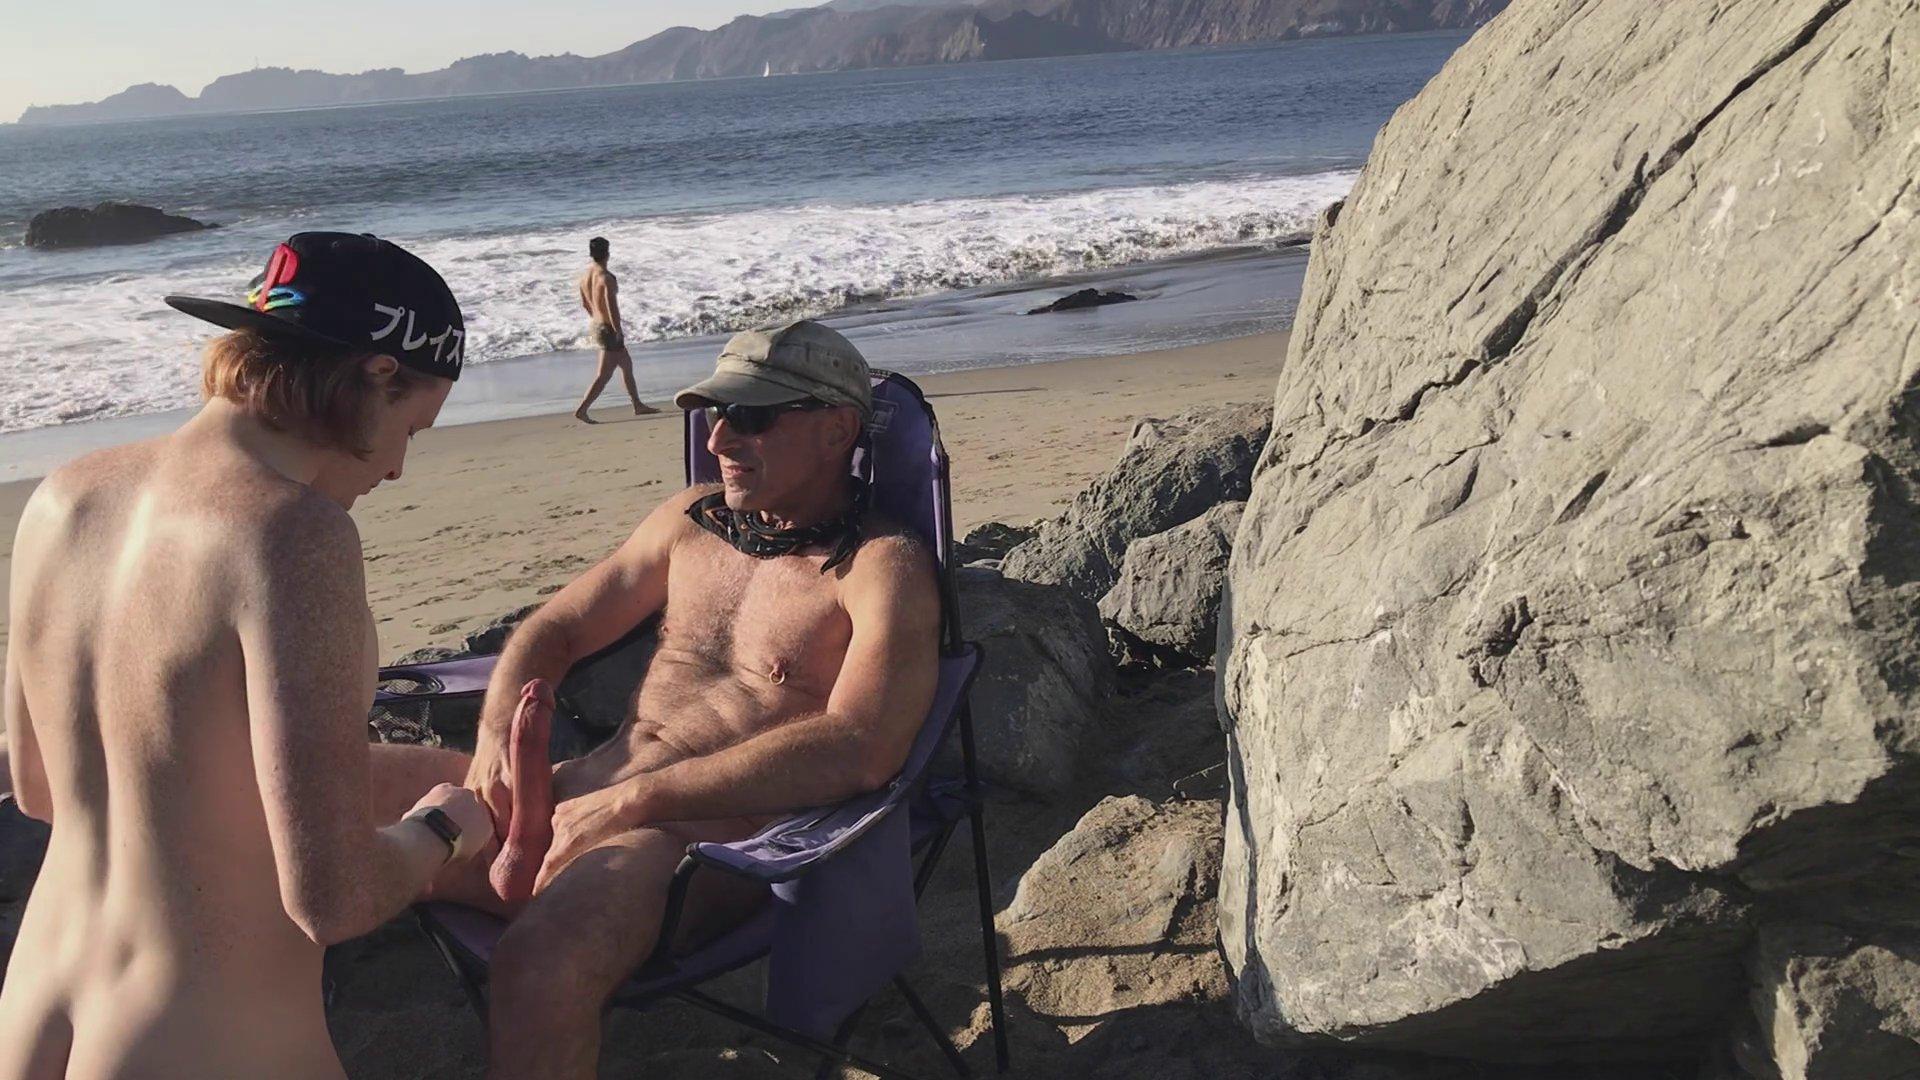 mamando verga en la playa